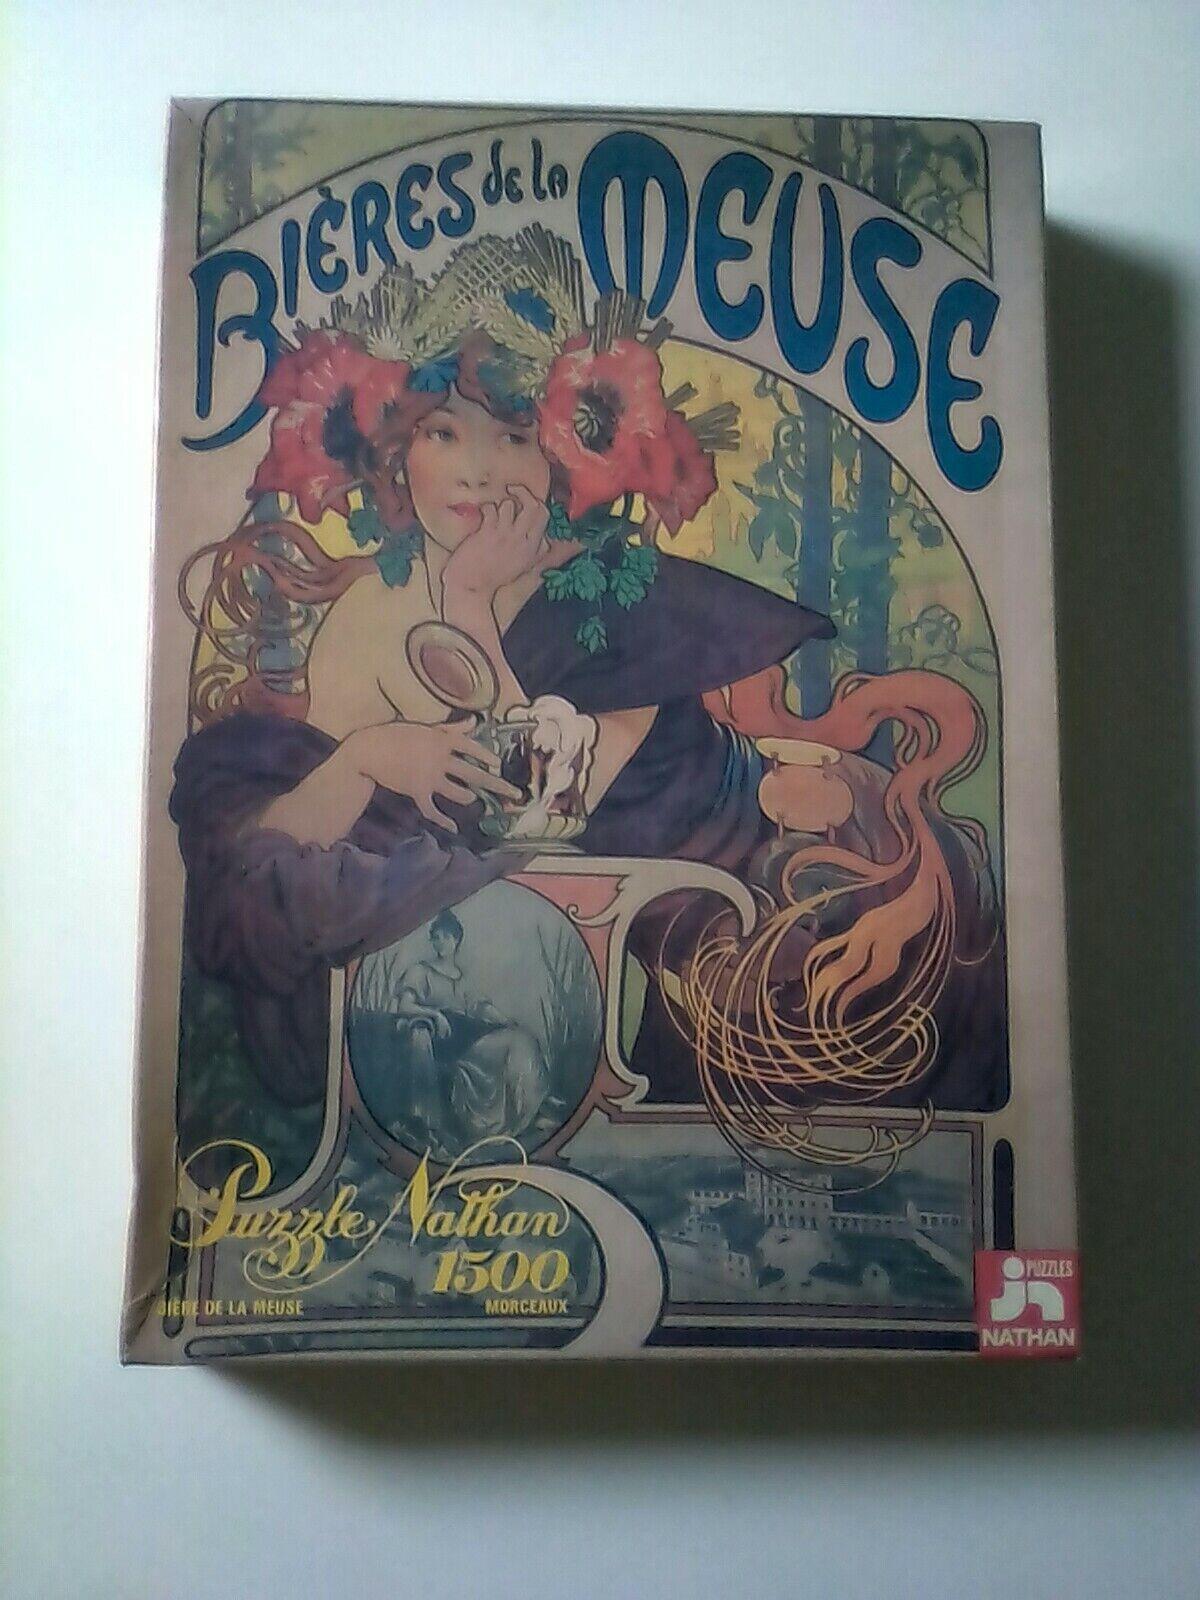 Puzzle biere de la meuse rare 1500 pieces complet vintage affiche retro 8459cm